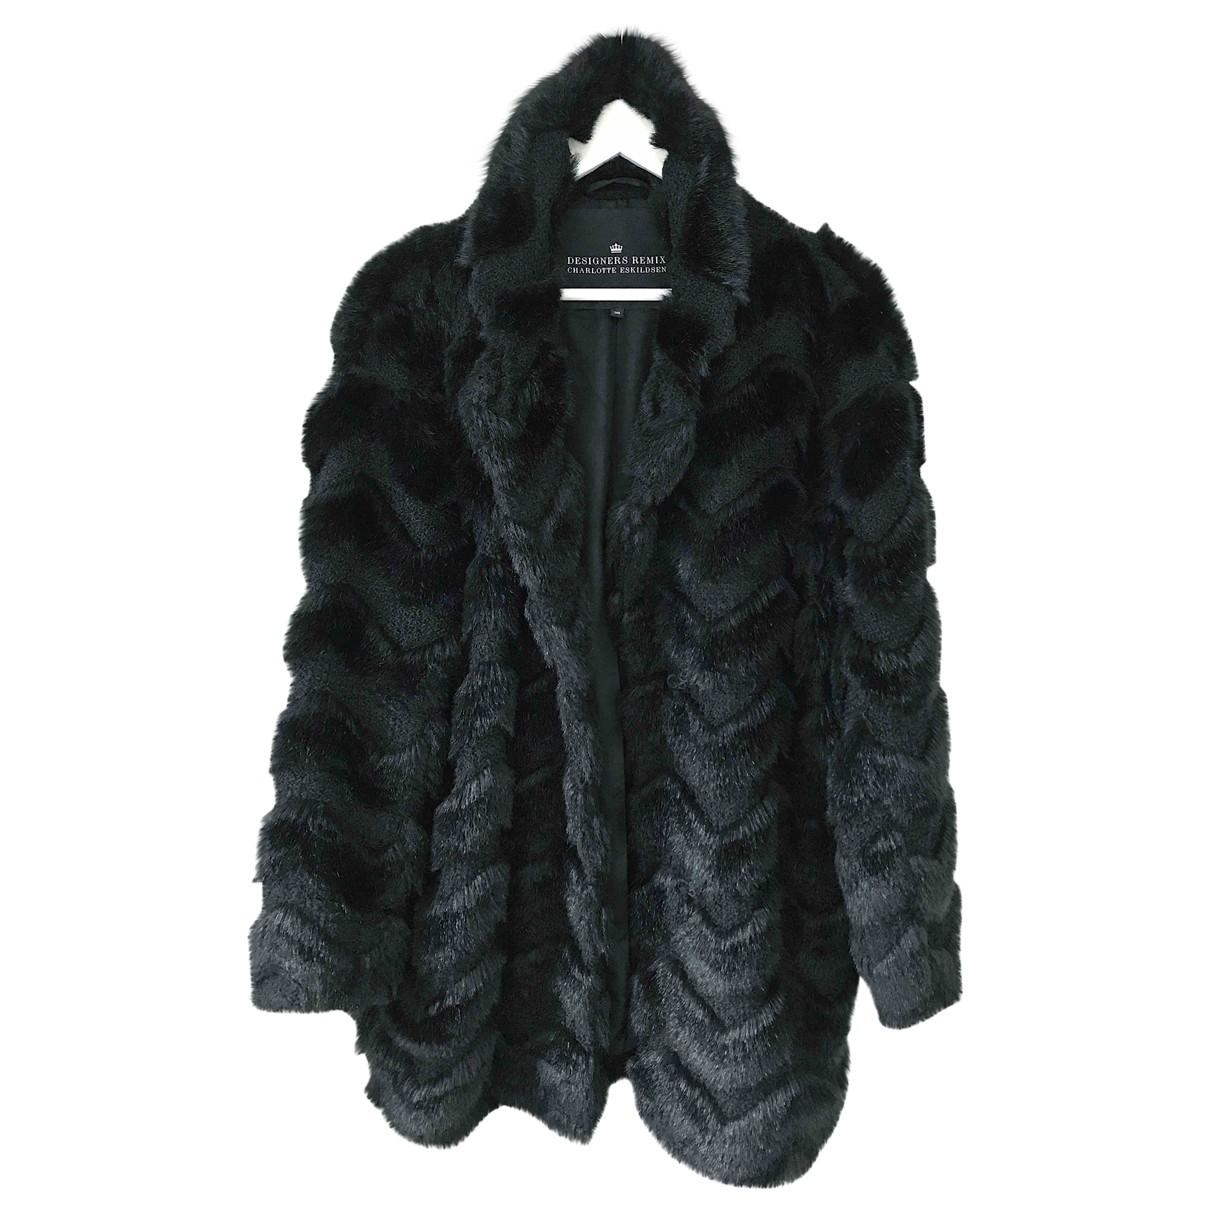 Designers Remix - Manteau   pour femme en fourrure synthetique - noir